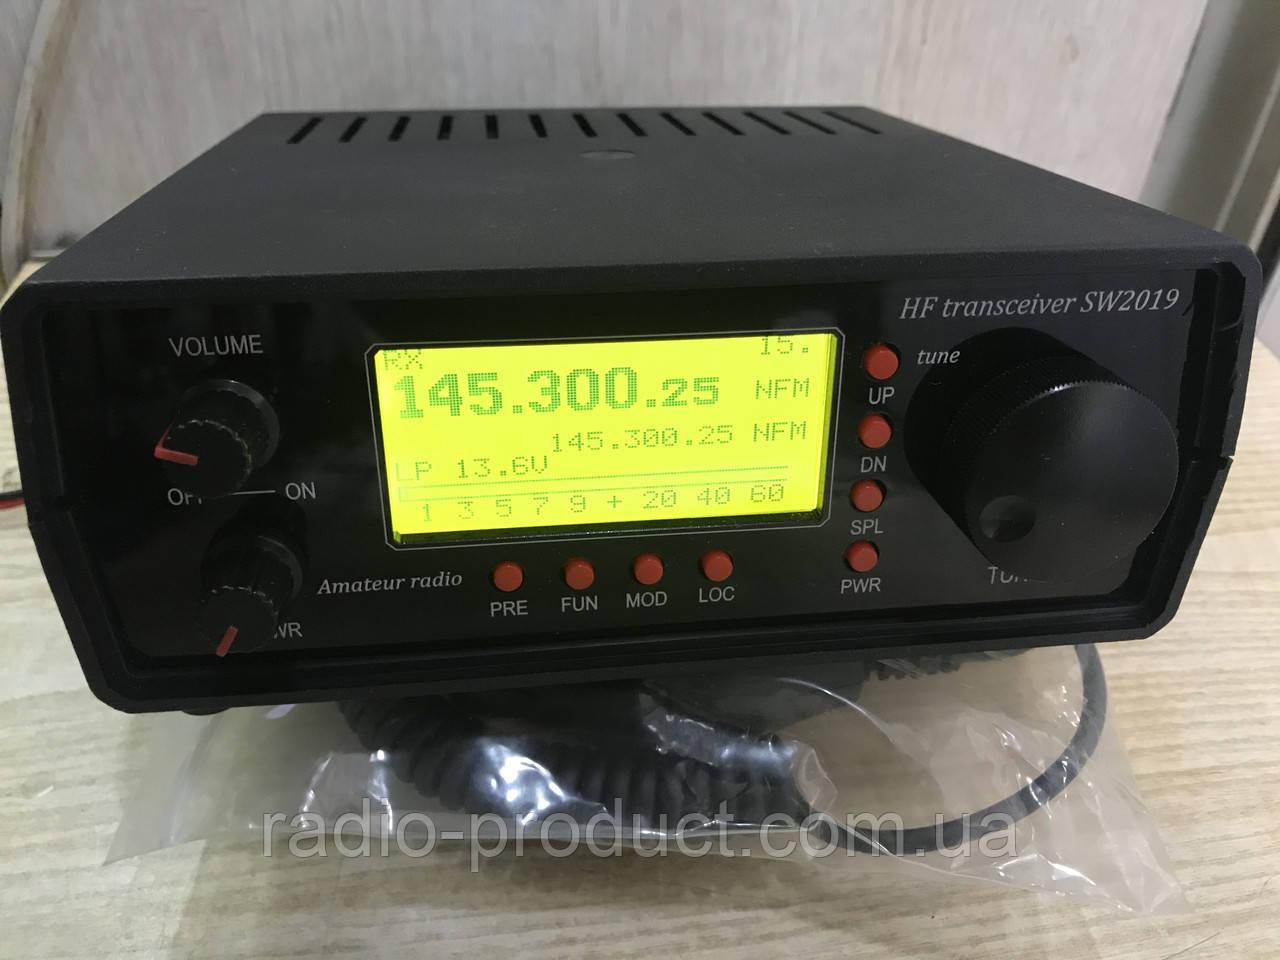 Трансивер SW2019-VHF, КВ+УКВ радиостанция, NFM/SSB/CW/DIGI, (полная версия)